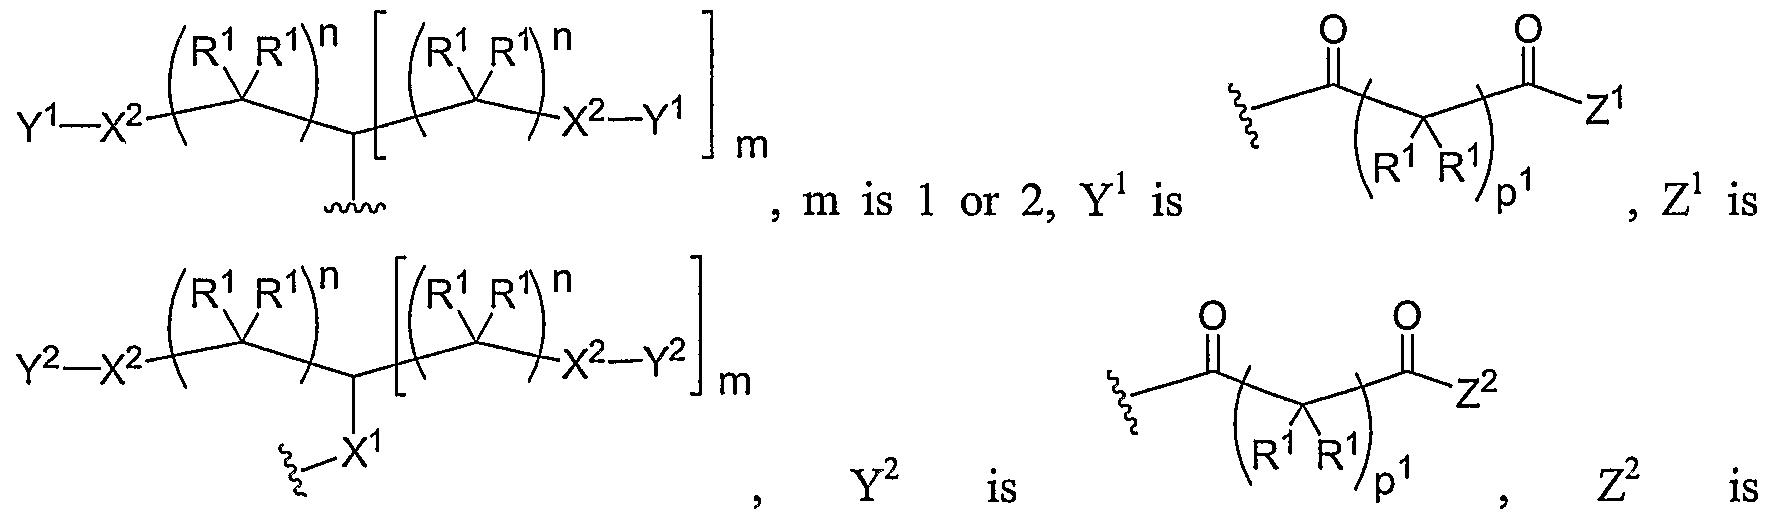 Figure imgf000370_0005